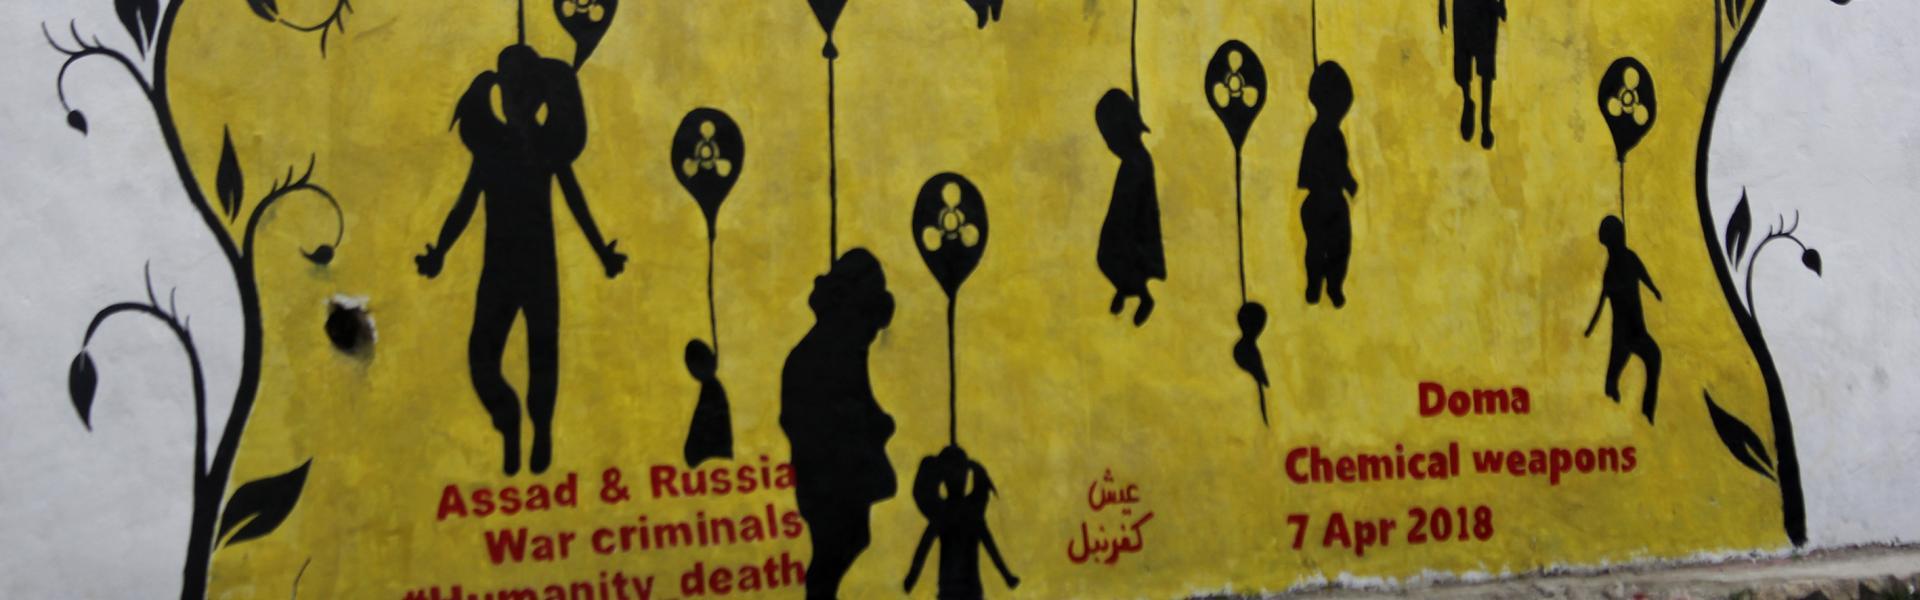 صورة النظام يحاول طمس جريمة الكيماوي في الغوطة